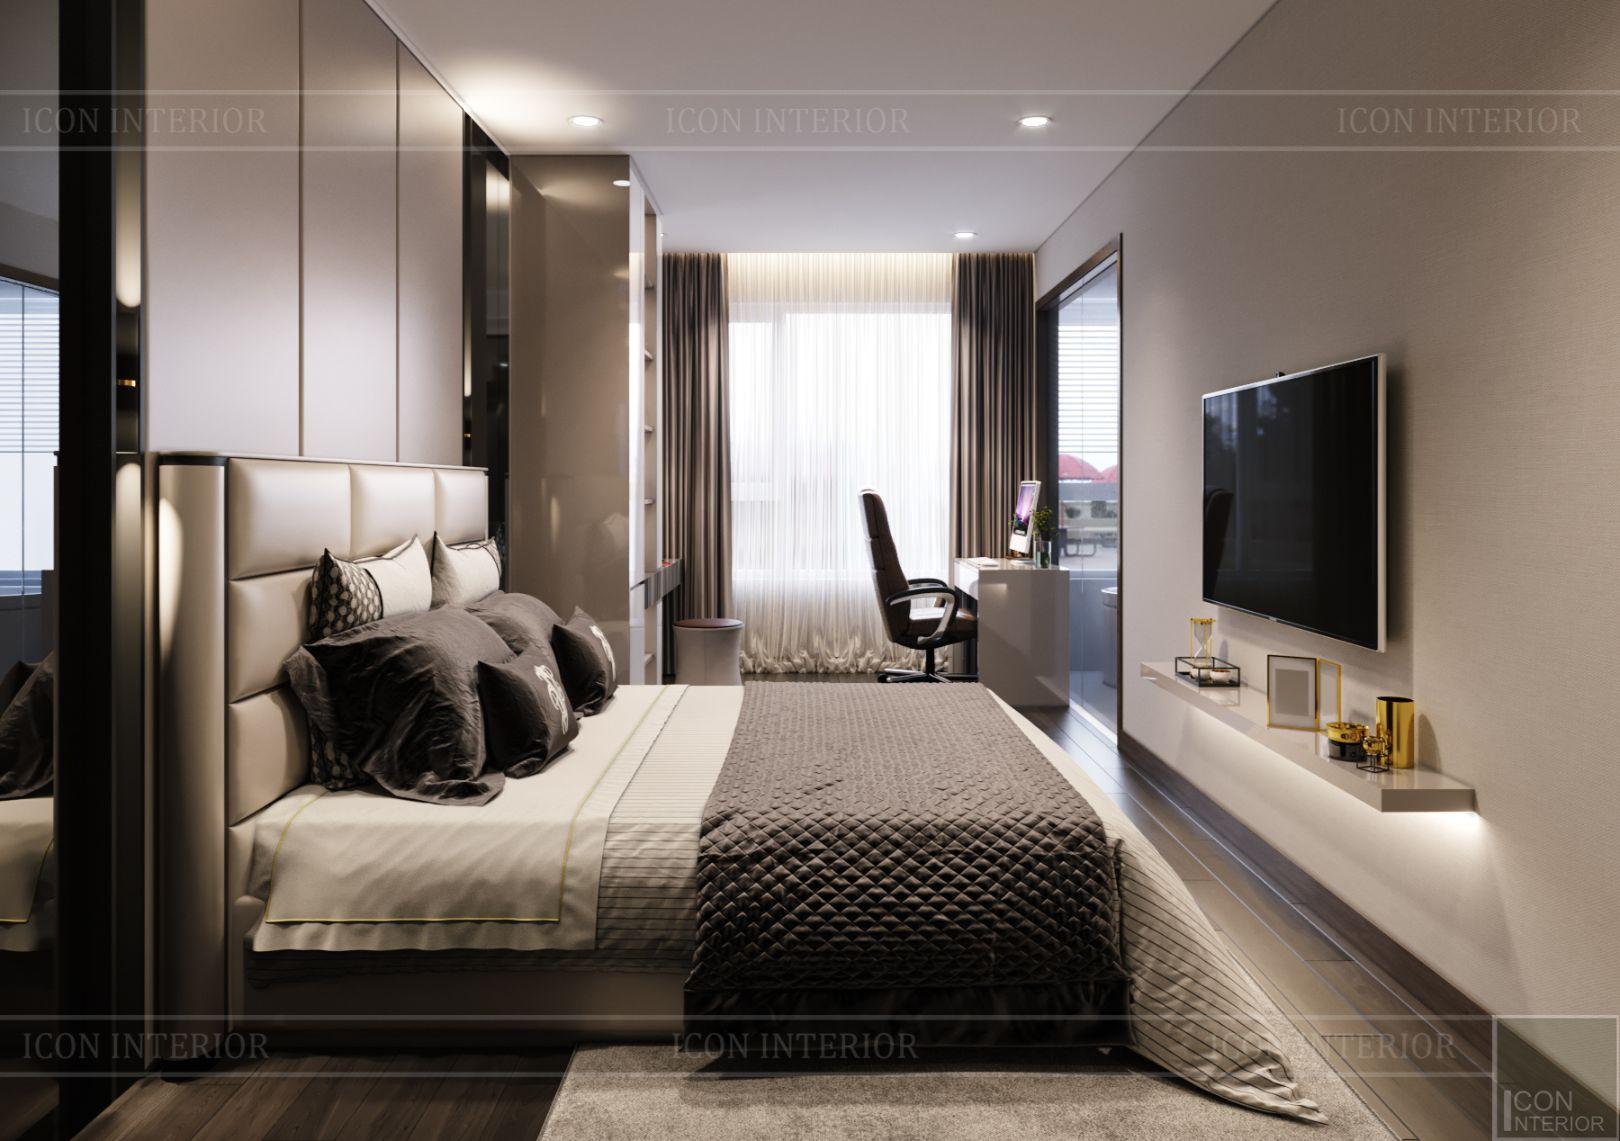 thiết kế nội thất căn hộ diamond island - phòng ngủ master 1